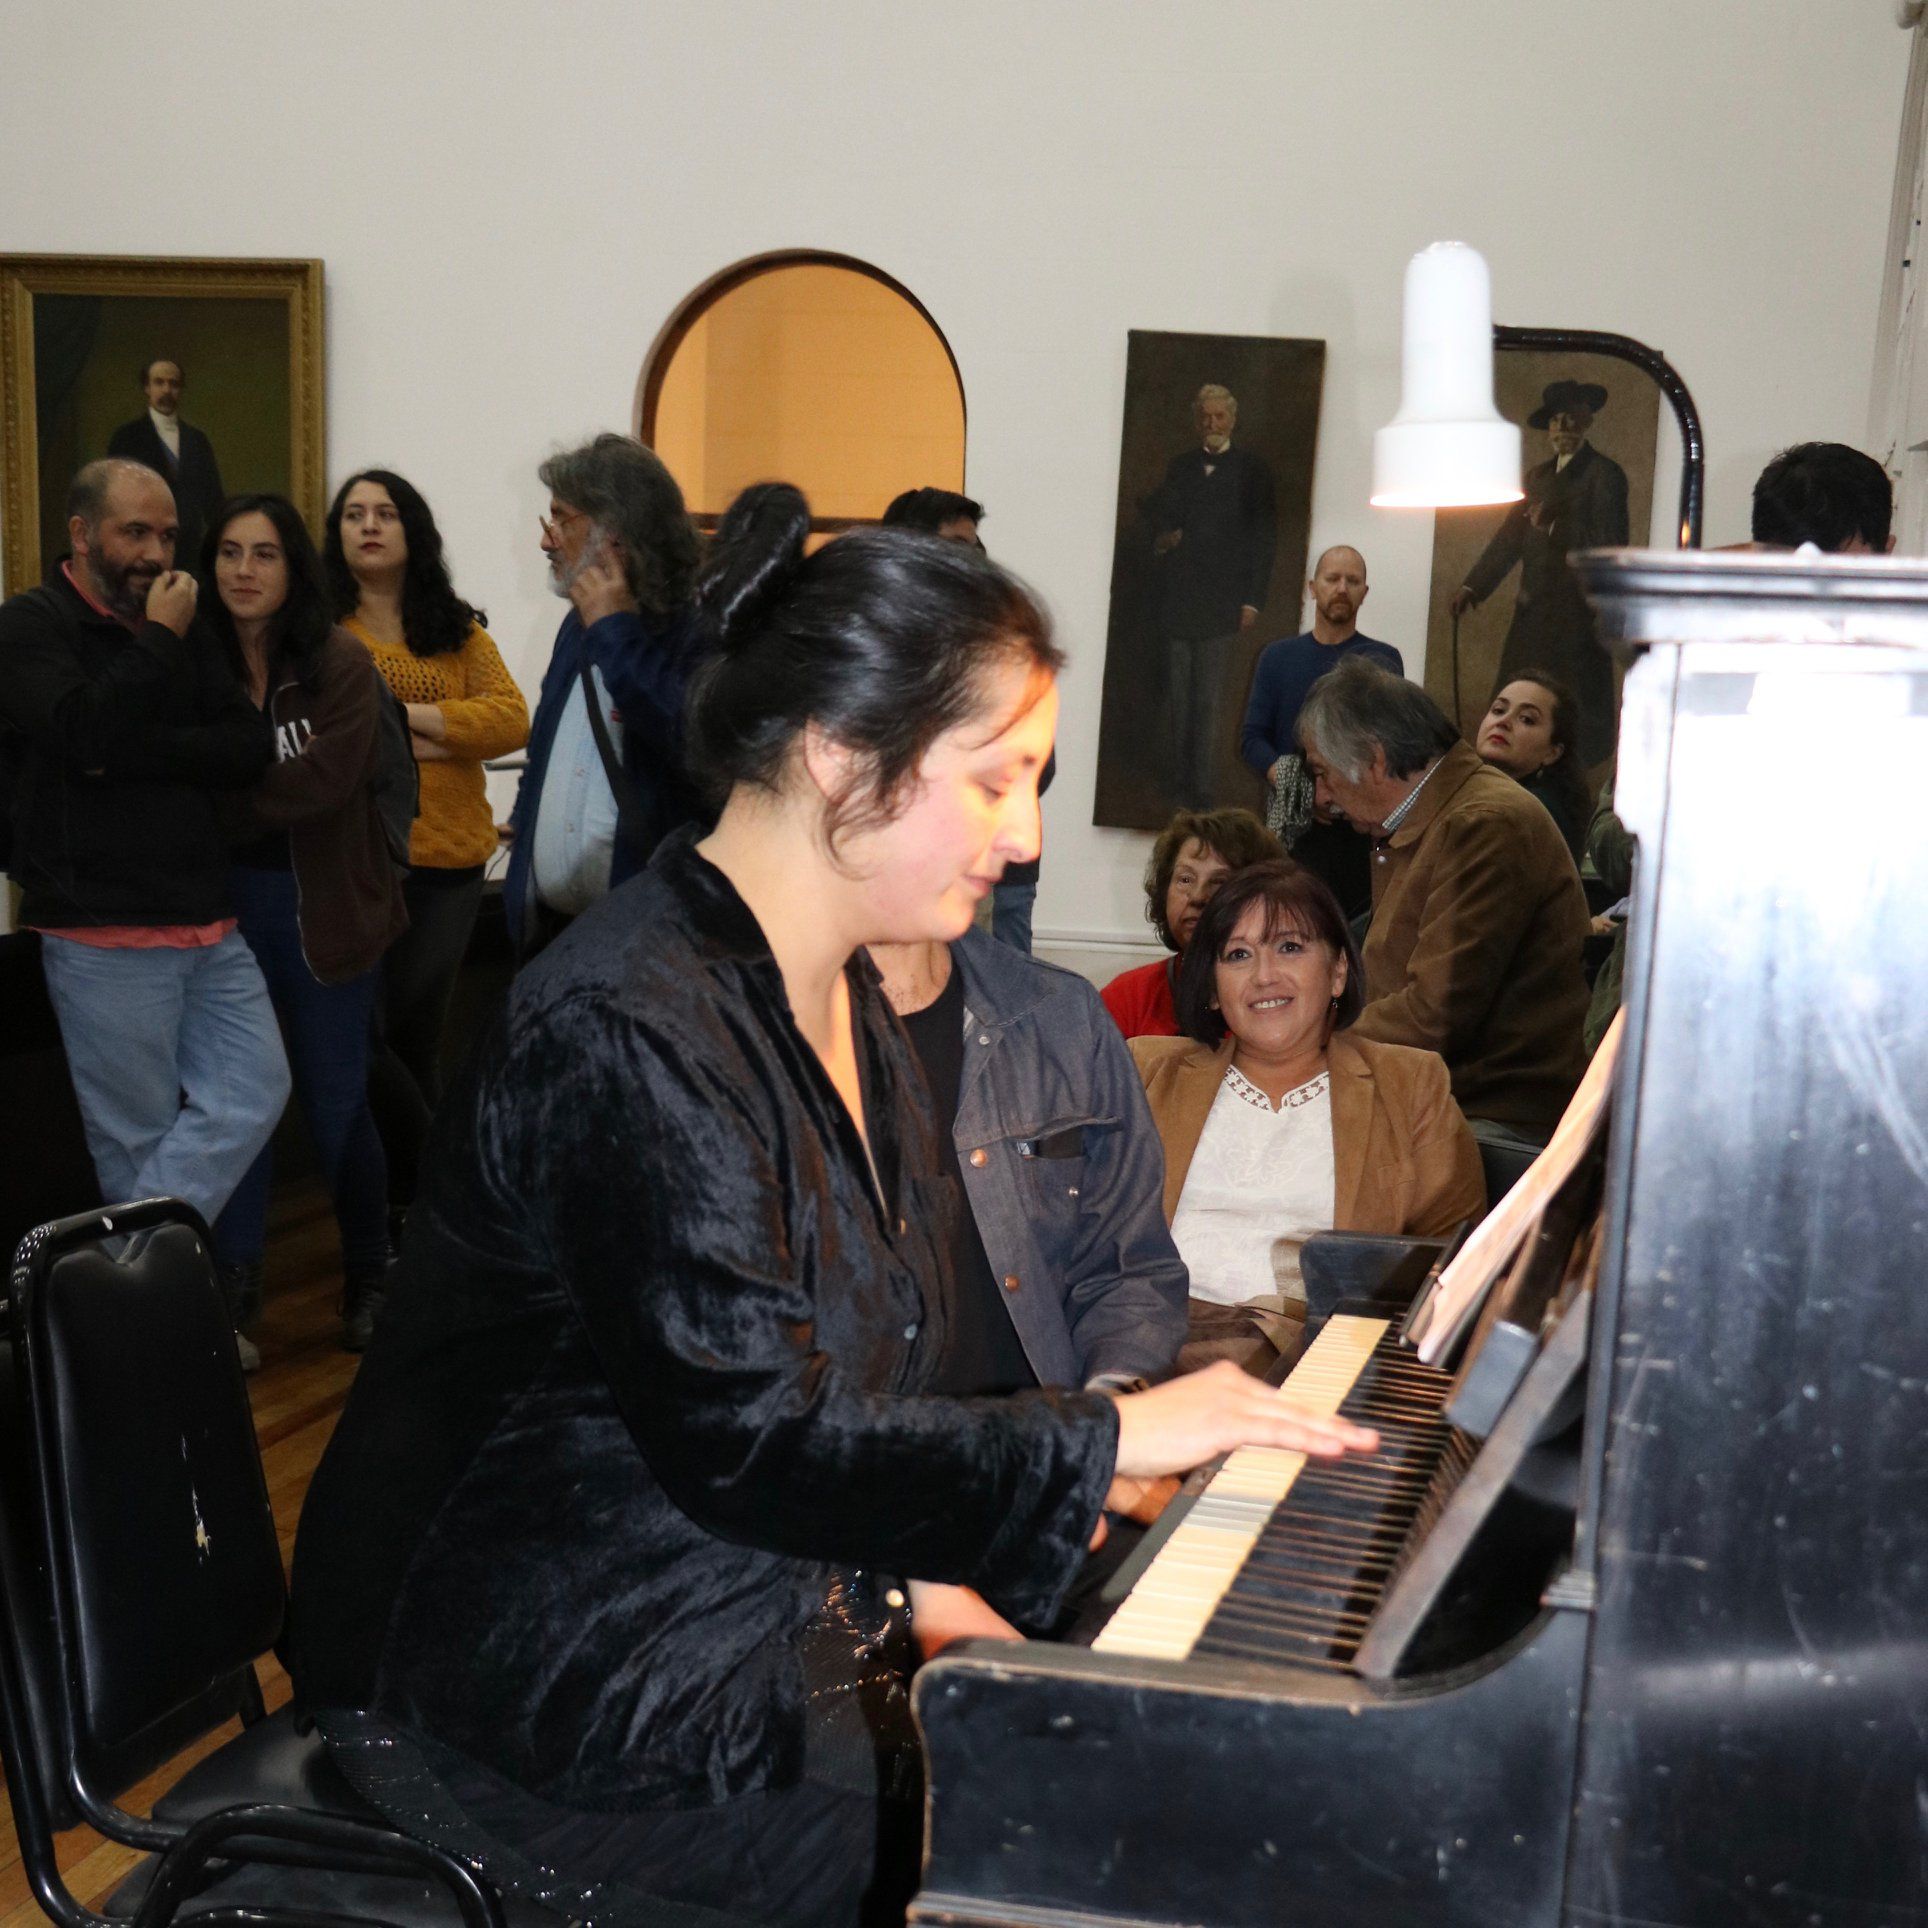 Adiós a Valparaíso [Pedro Césari] en vivo por Catalina Jiménez en el lanzamiento del Archivo Sonoro de Memoria Musical de Valparaíso